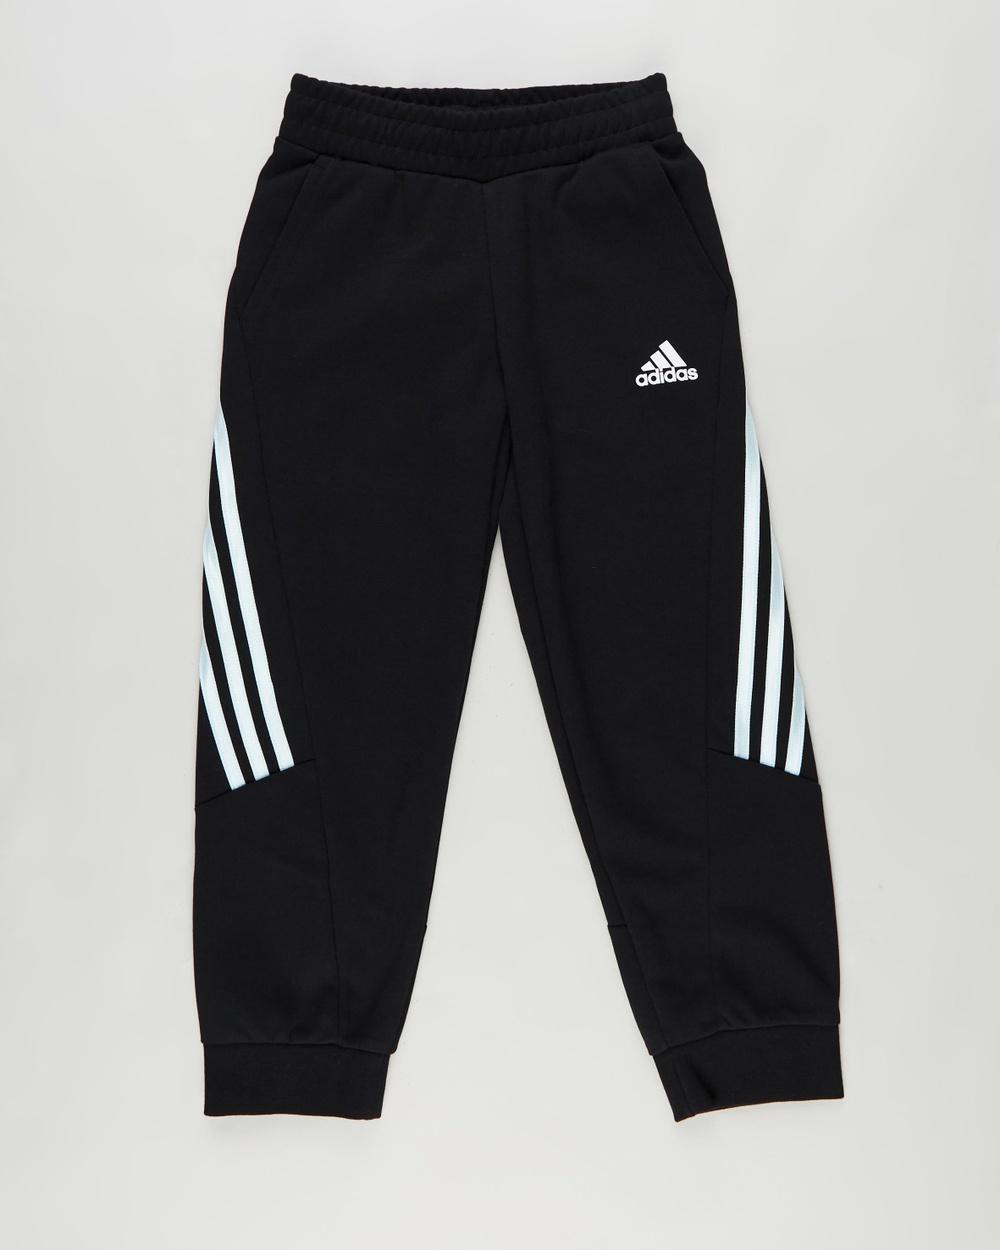 adidas Performance Wuji Pants Kids Teens Sweatpants Black & Halmin Kids-Teens